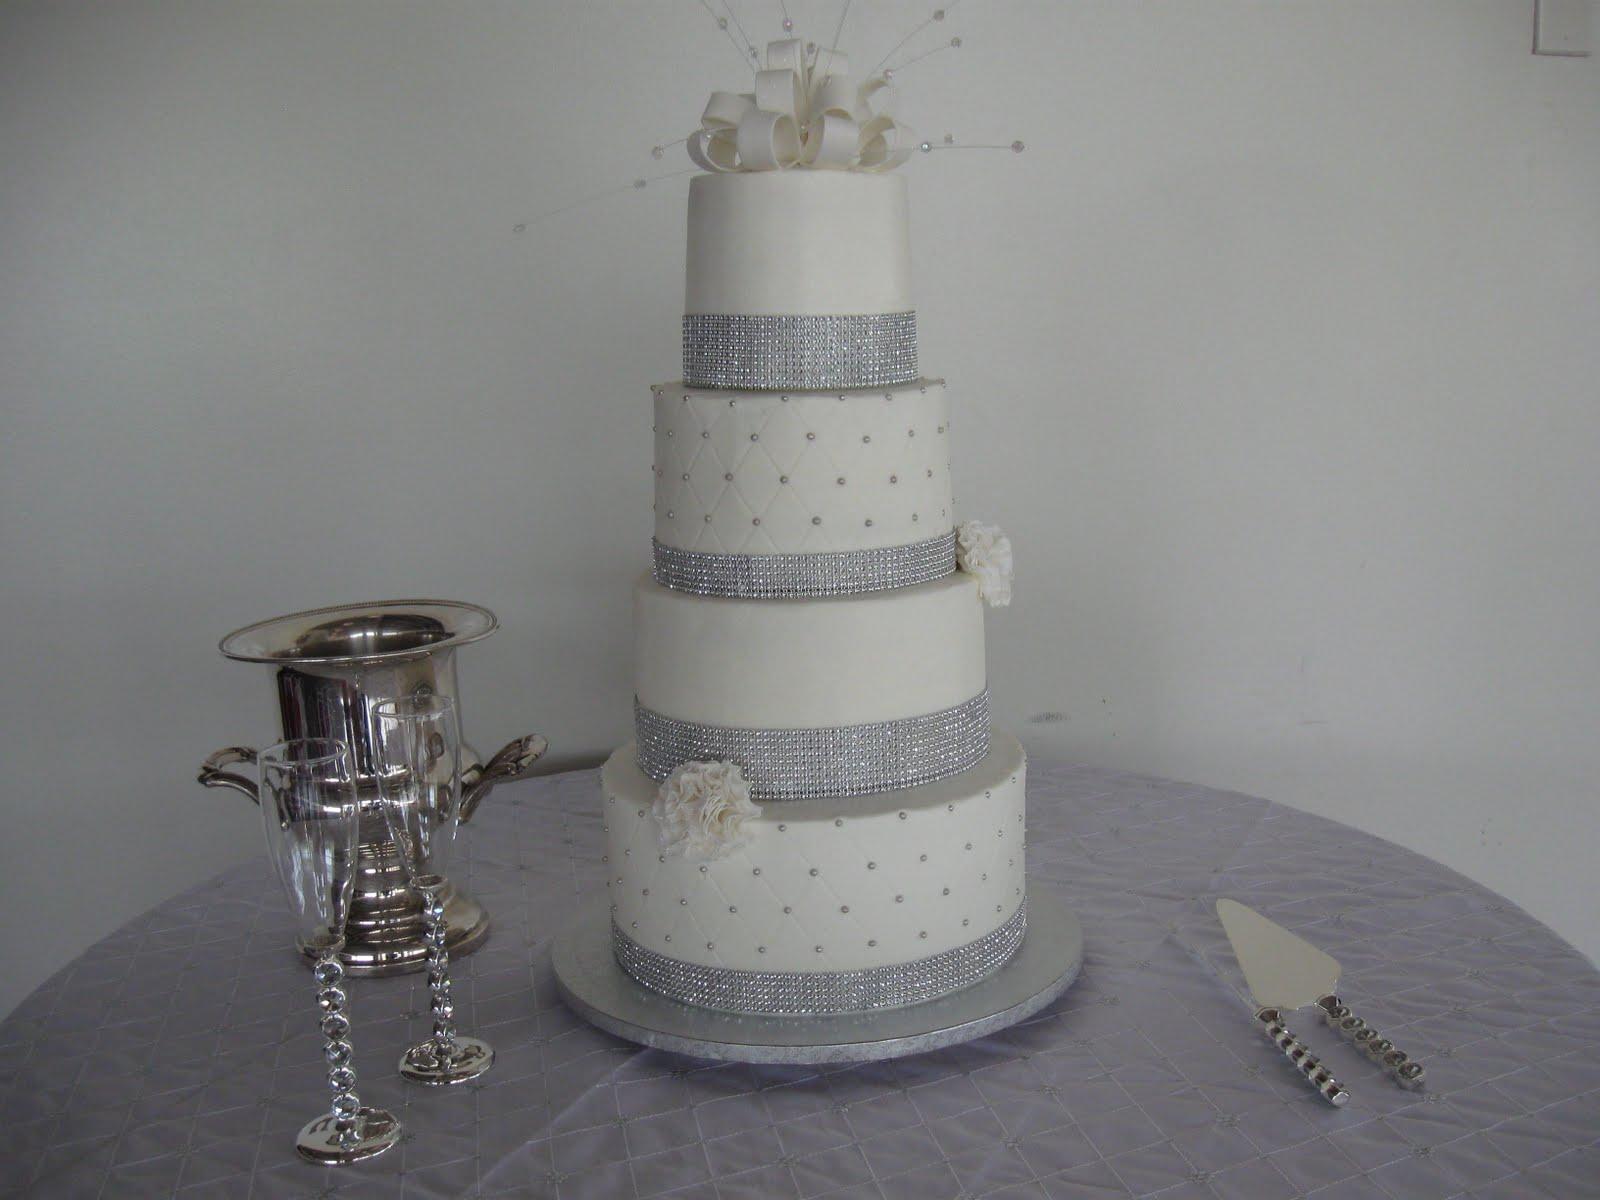 ICING ON THE EDGE Latoya s Wedding Cake